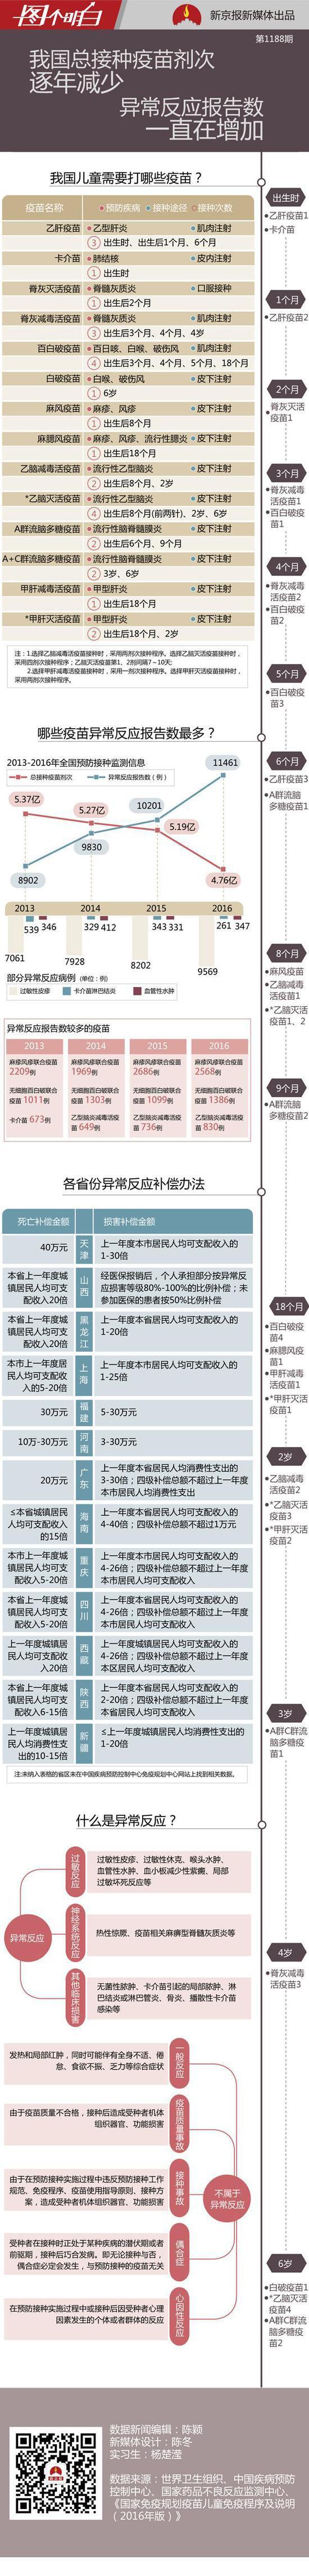 数据来源:世界卫生组织、中国疾病预防控制中心、国家药品不良反应监测中心、《国家免疫规划疫苗儿童免疫程序及说明(2016版)》